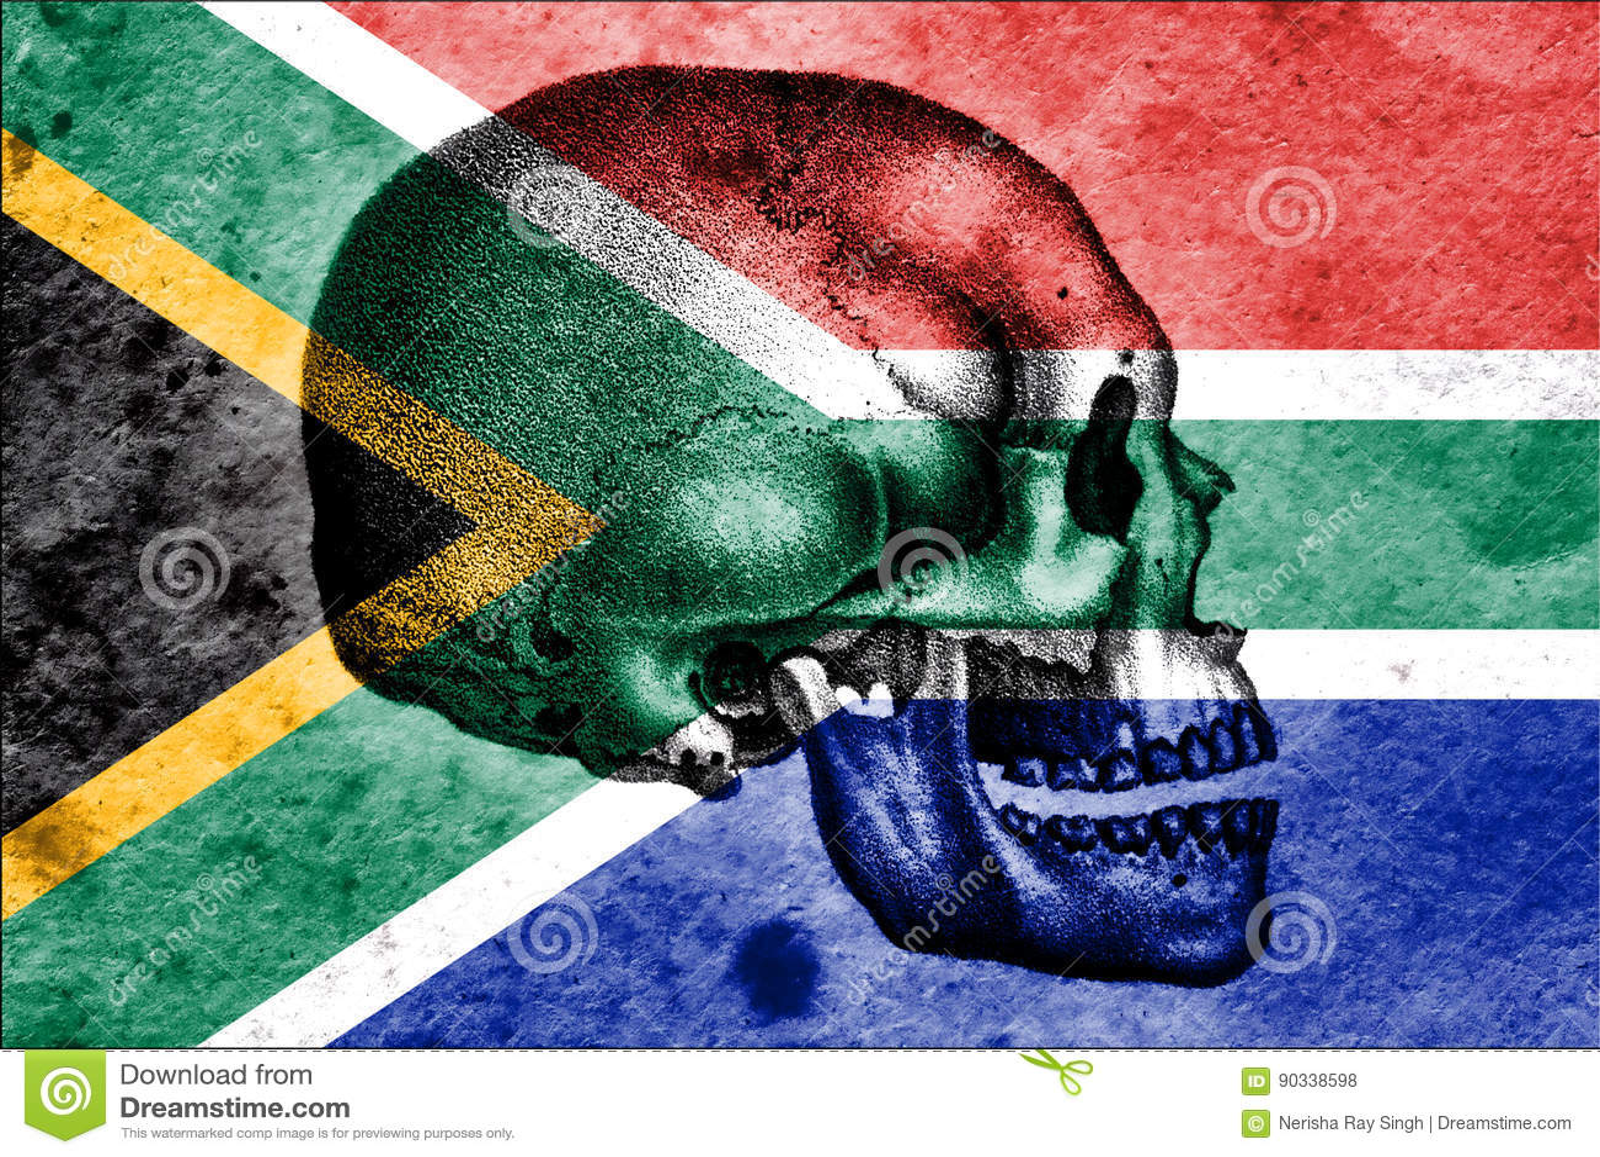 Schädel und südafrikanische Flagge, die Wiege der Menschheit bedeutend